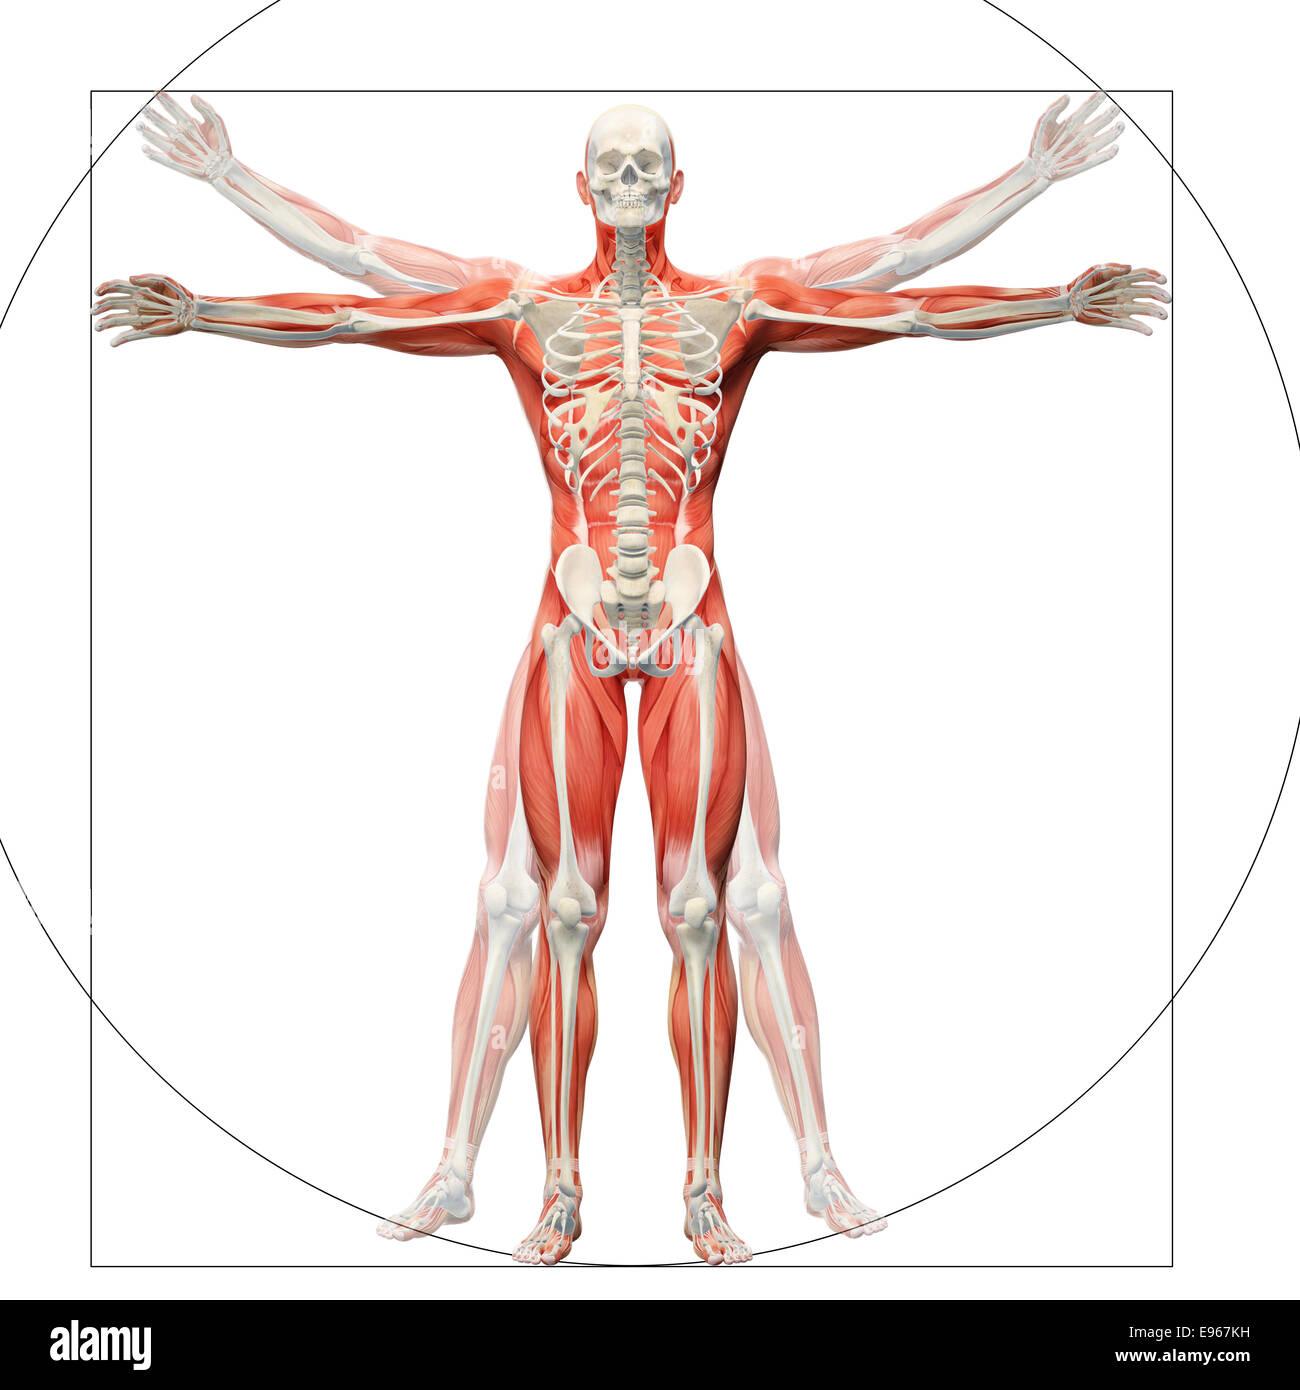 L'anatomie humaine en tant qu'homme de Vitruve par Leonardo da Vinci Photo Stock